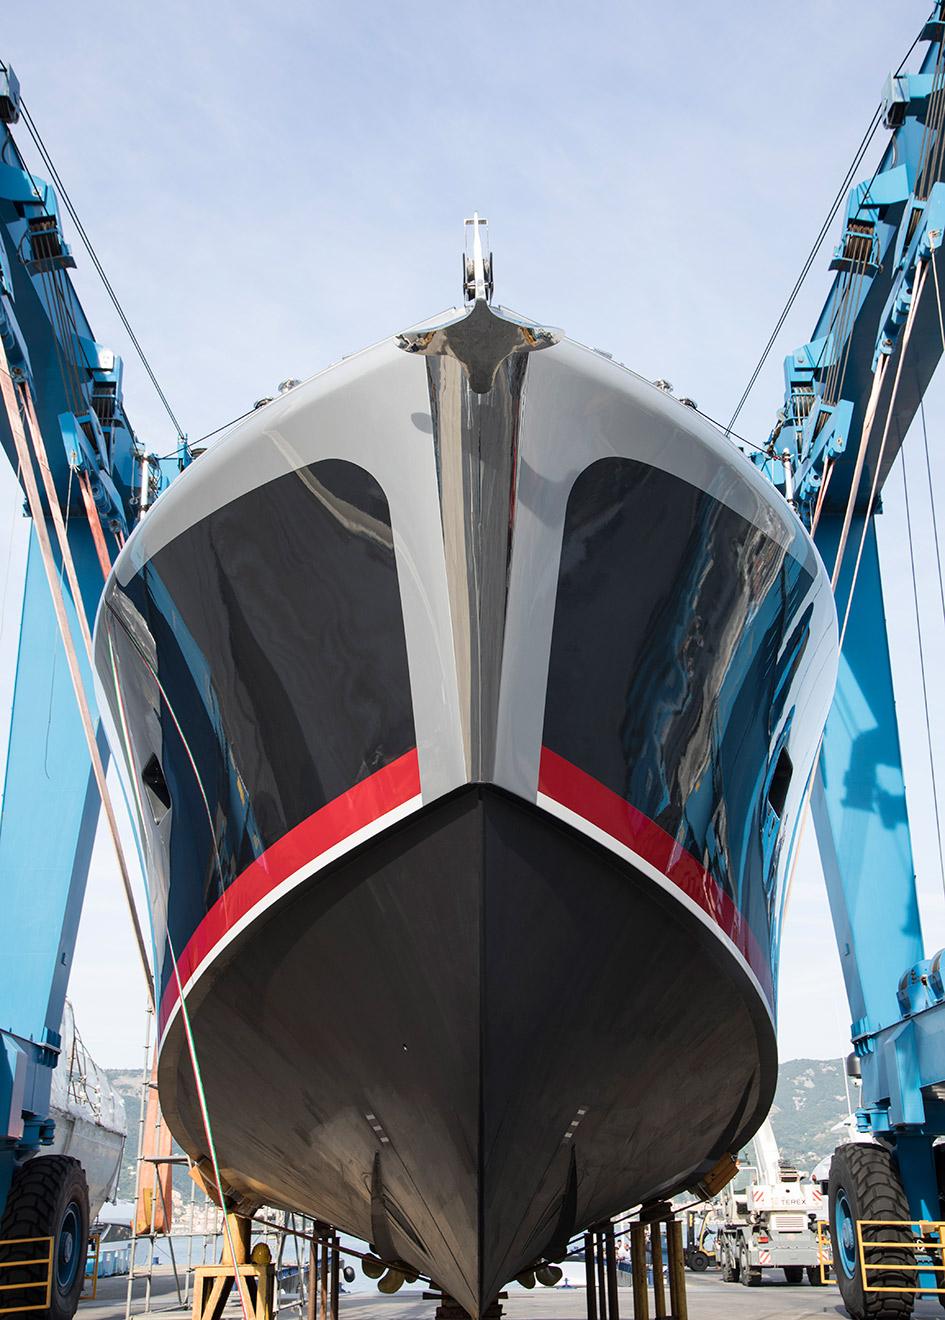 bow-view-of-the-baglietto-mv19-dayboat-ridoc